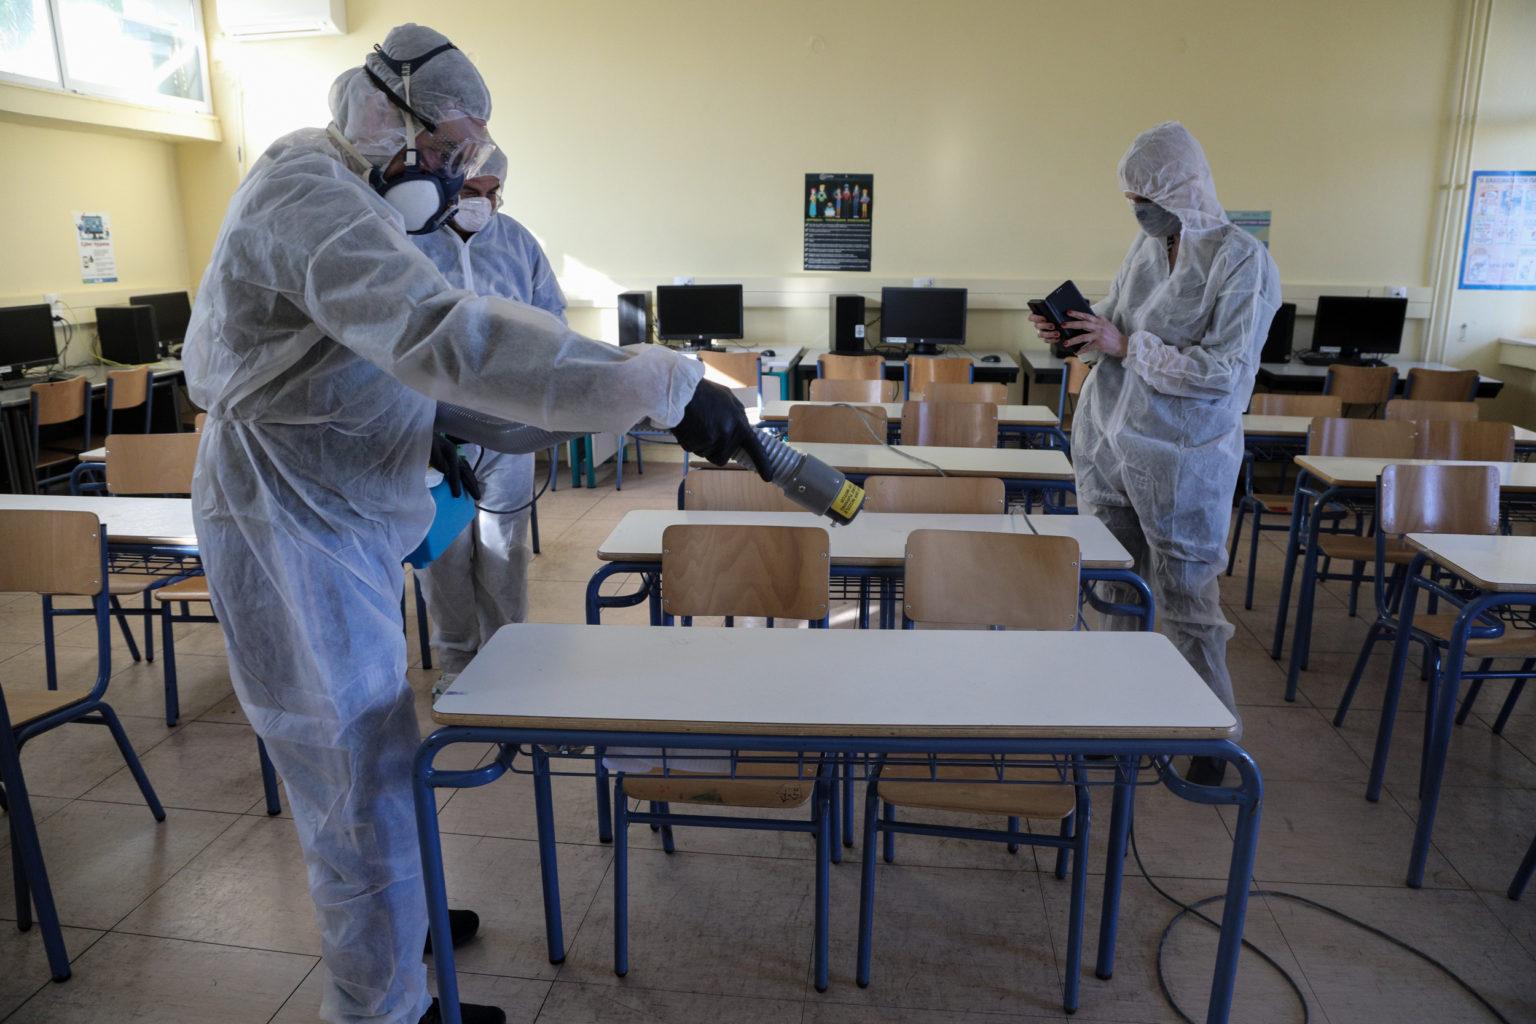 Κορωνοϊός: Κλειστό Γυμνάσιο του Βόλου για απολύμανση